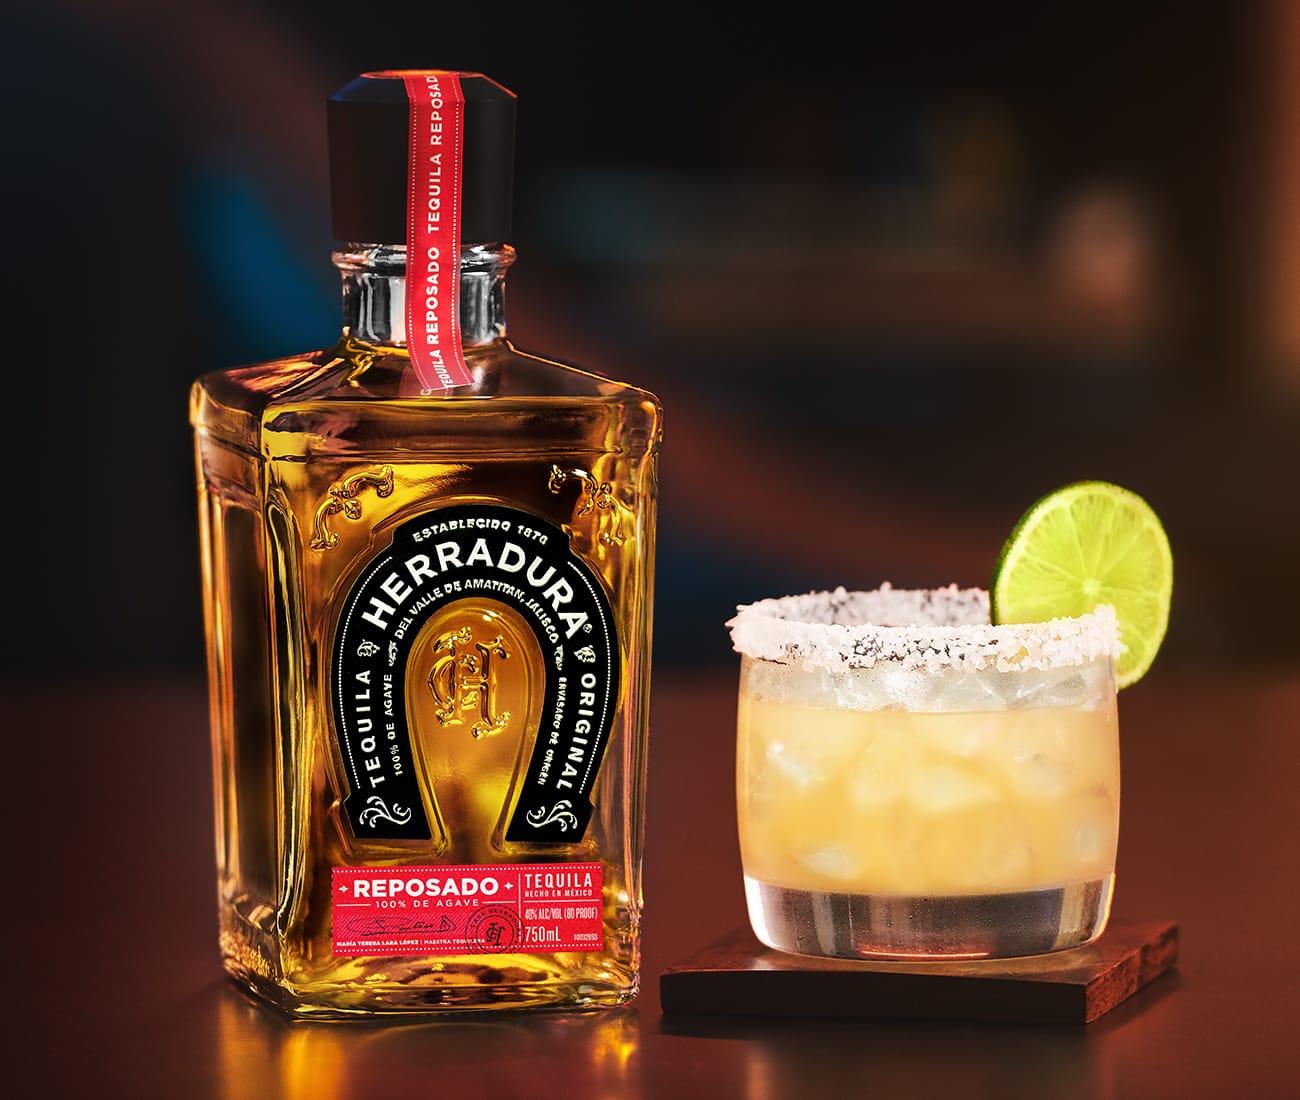 Image for Horseshoe Margarita